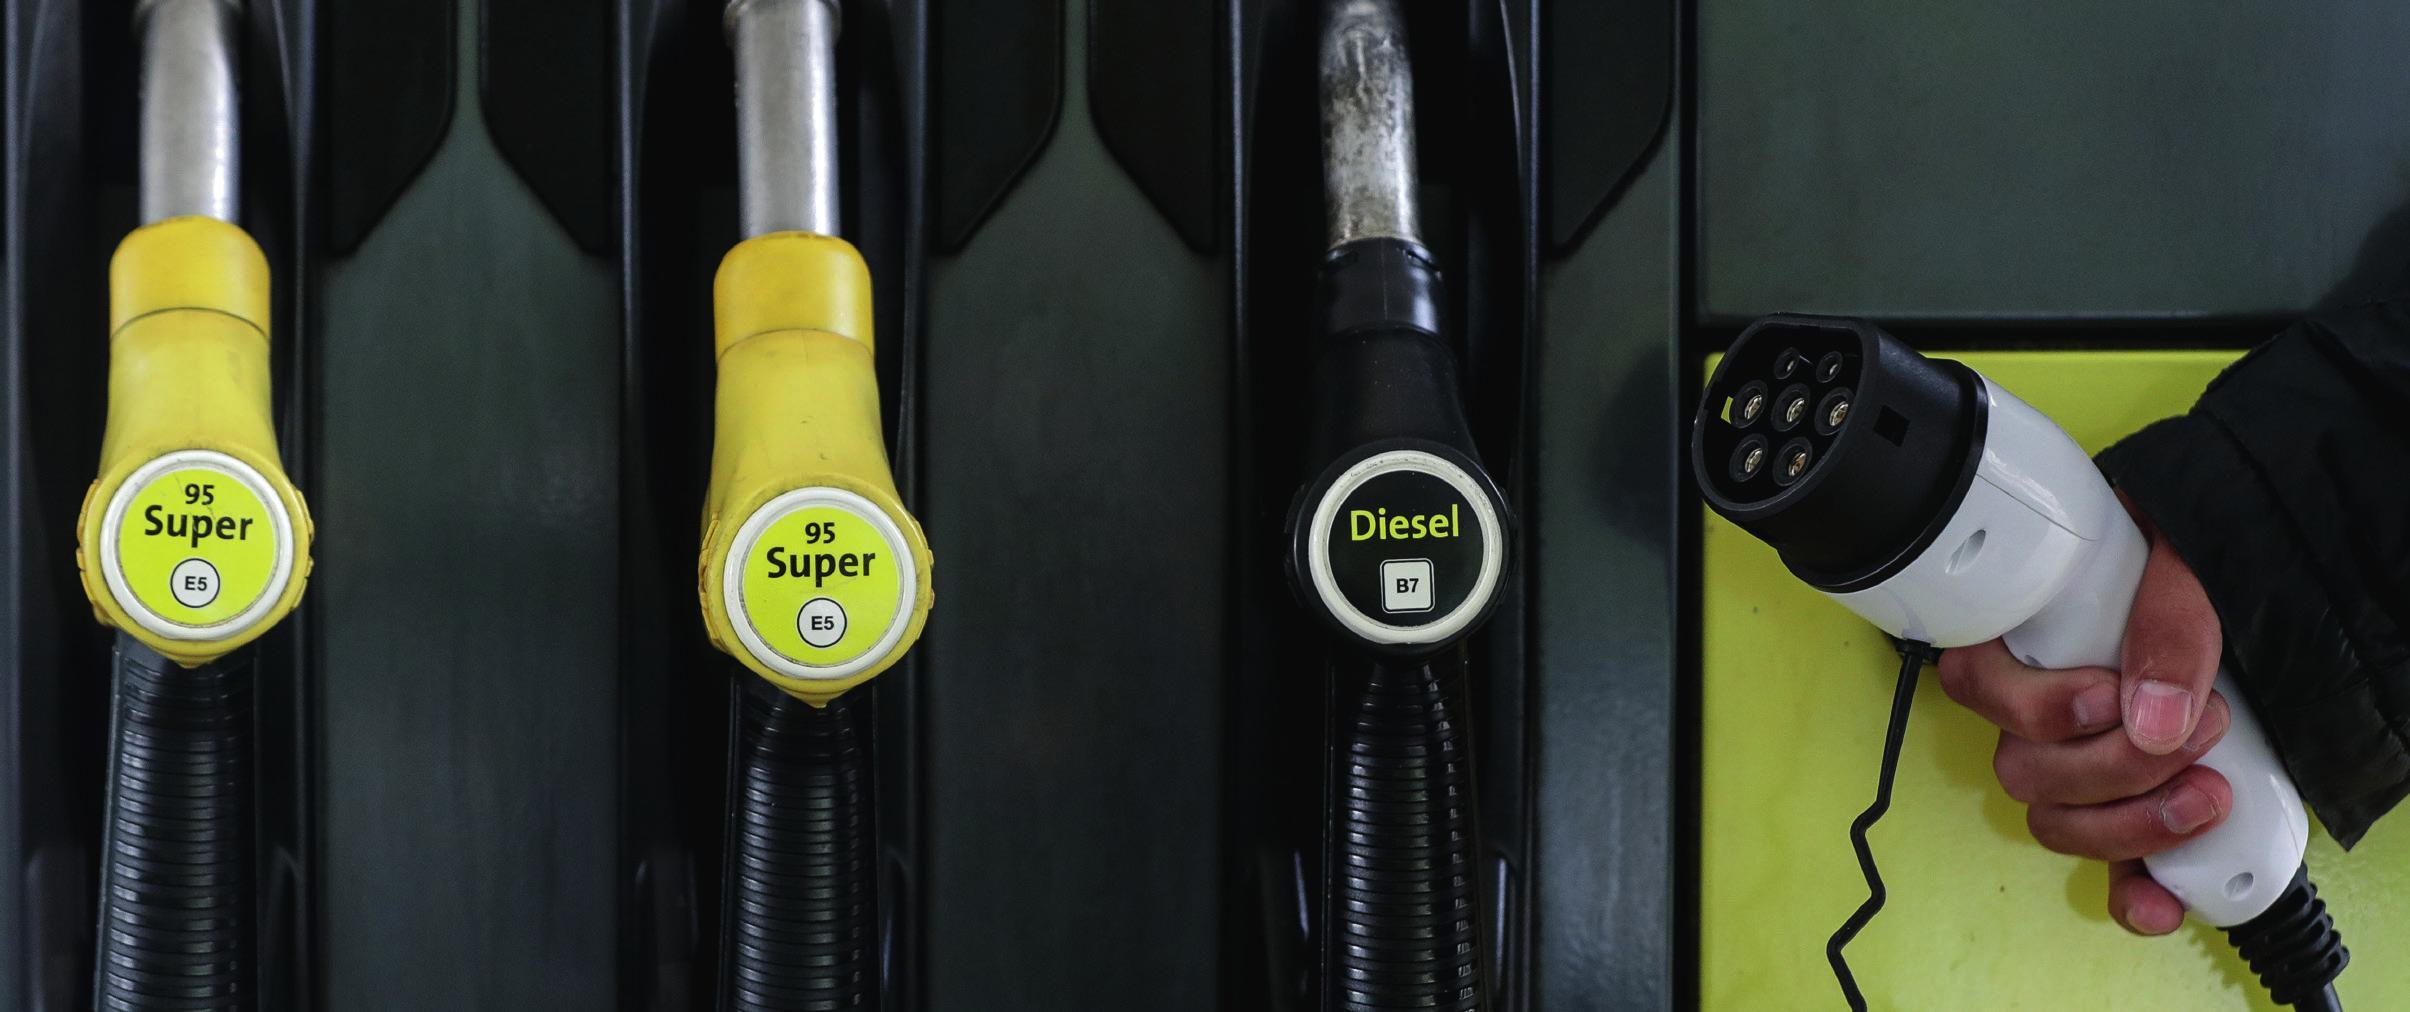 Alternative Antriebe abseits von klassischen Benzin- und Dieselmotoren führen längst kein Schattendasein mehr, der Autofahrer hat mittlerweile eine große Auswahl – allerdings hat jeder Antrieb Vor- und Nachteile. Fotos: Volker Weihbold, Toyota